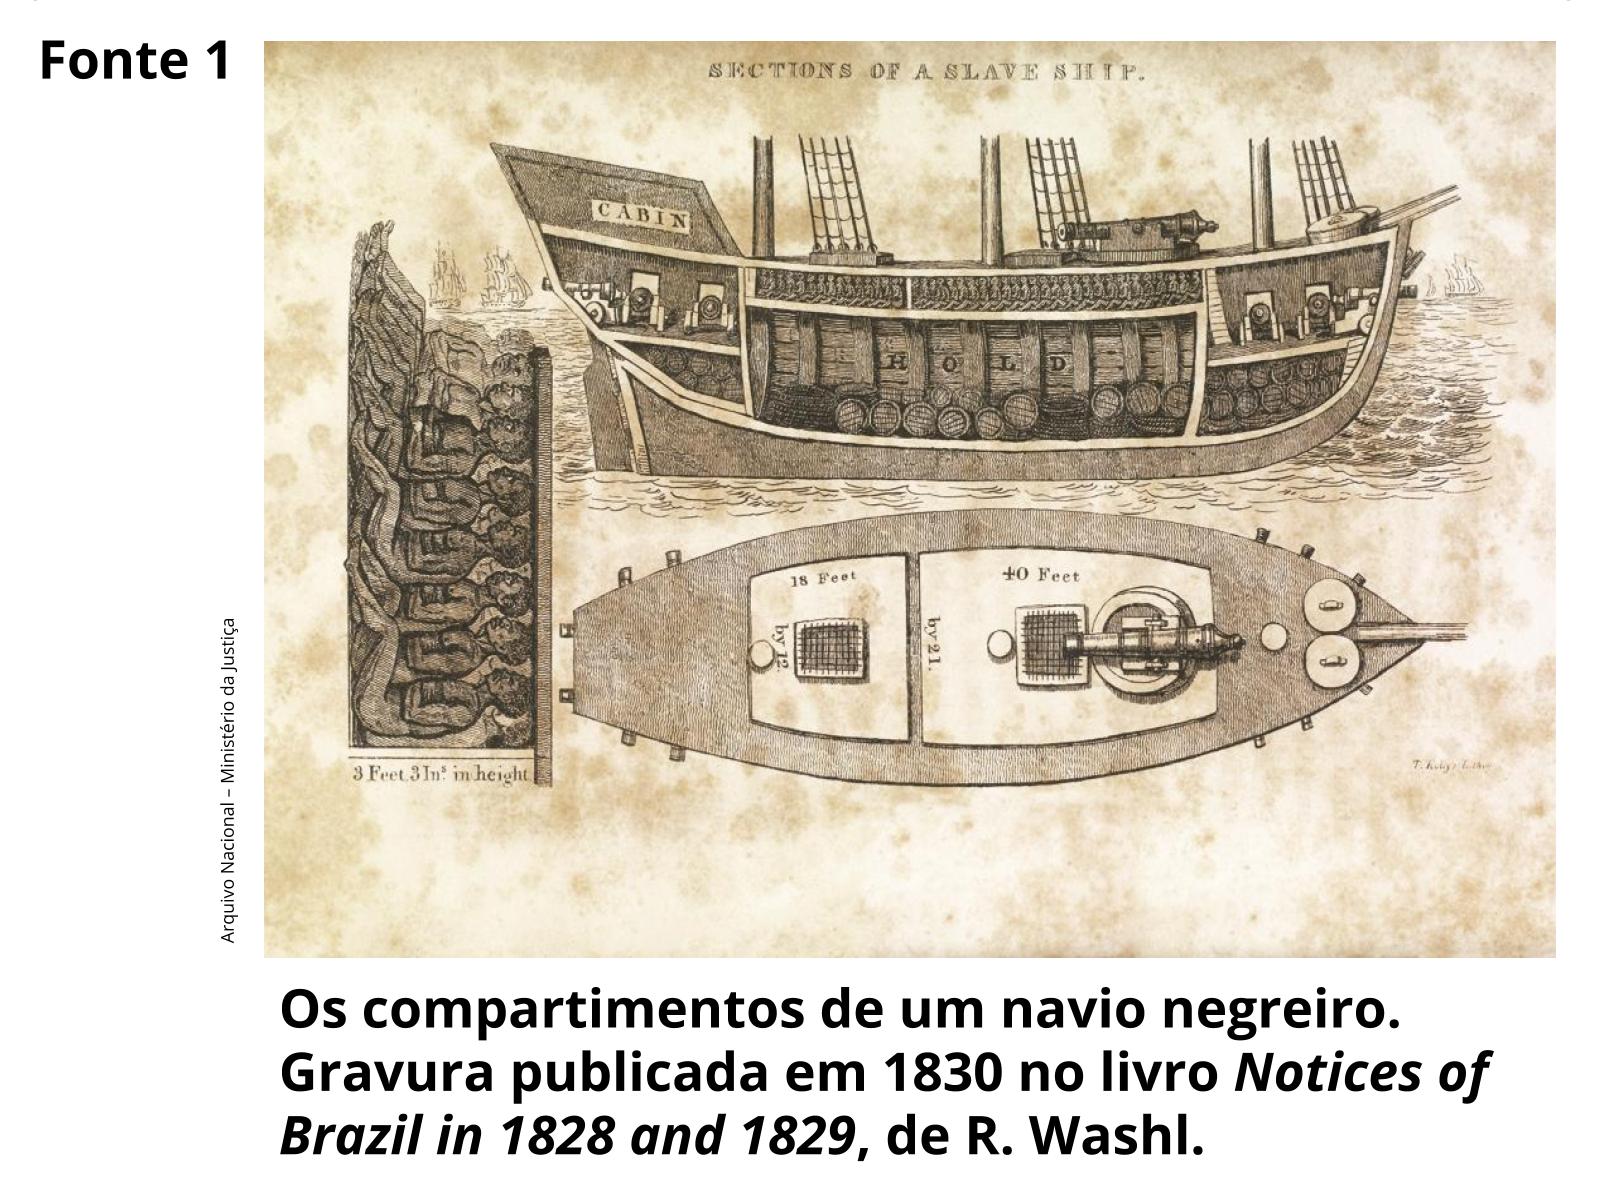 A composição do navio negreiro e as viagens do tráfico transatlântico